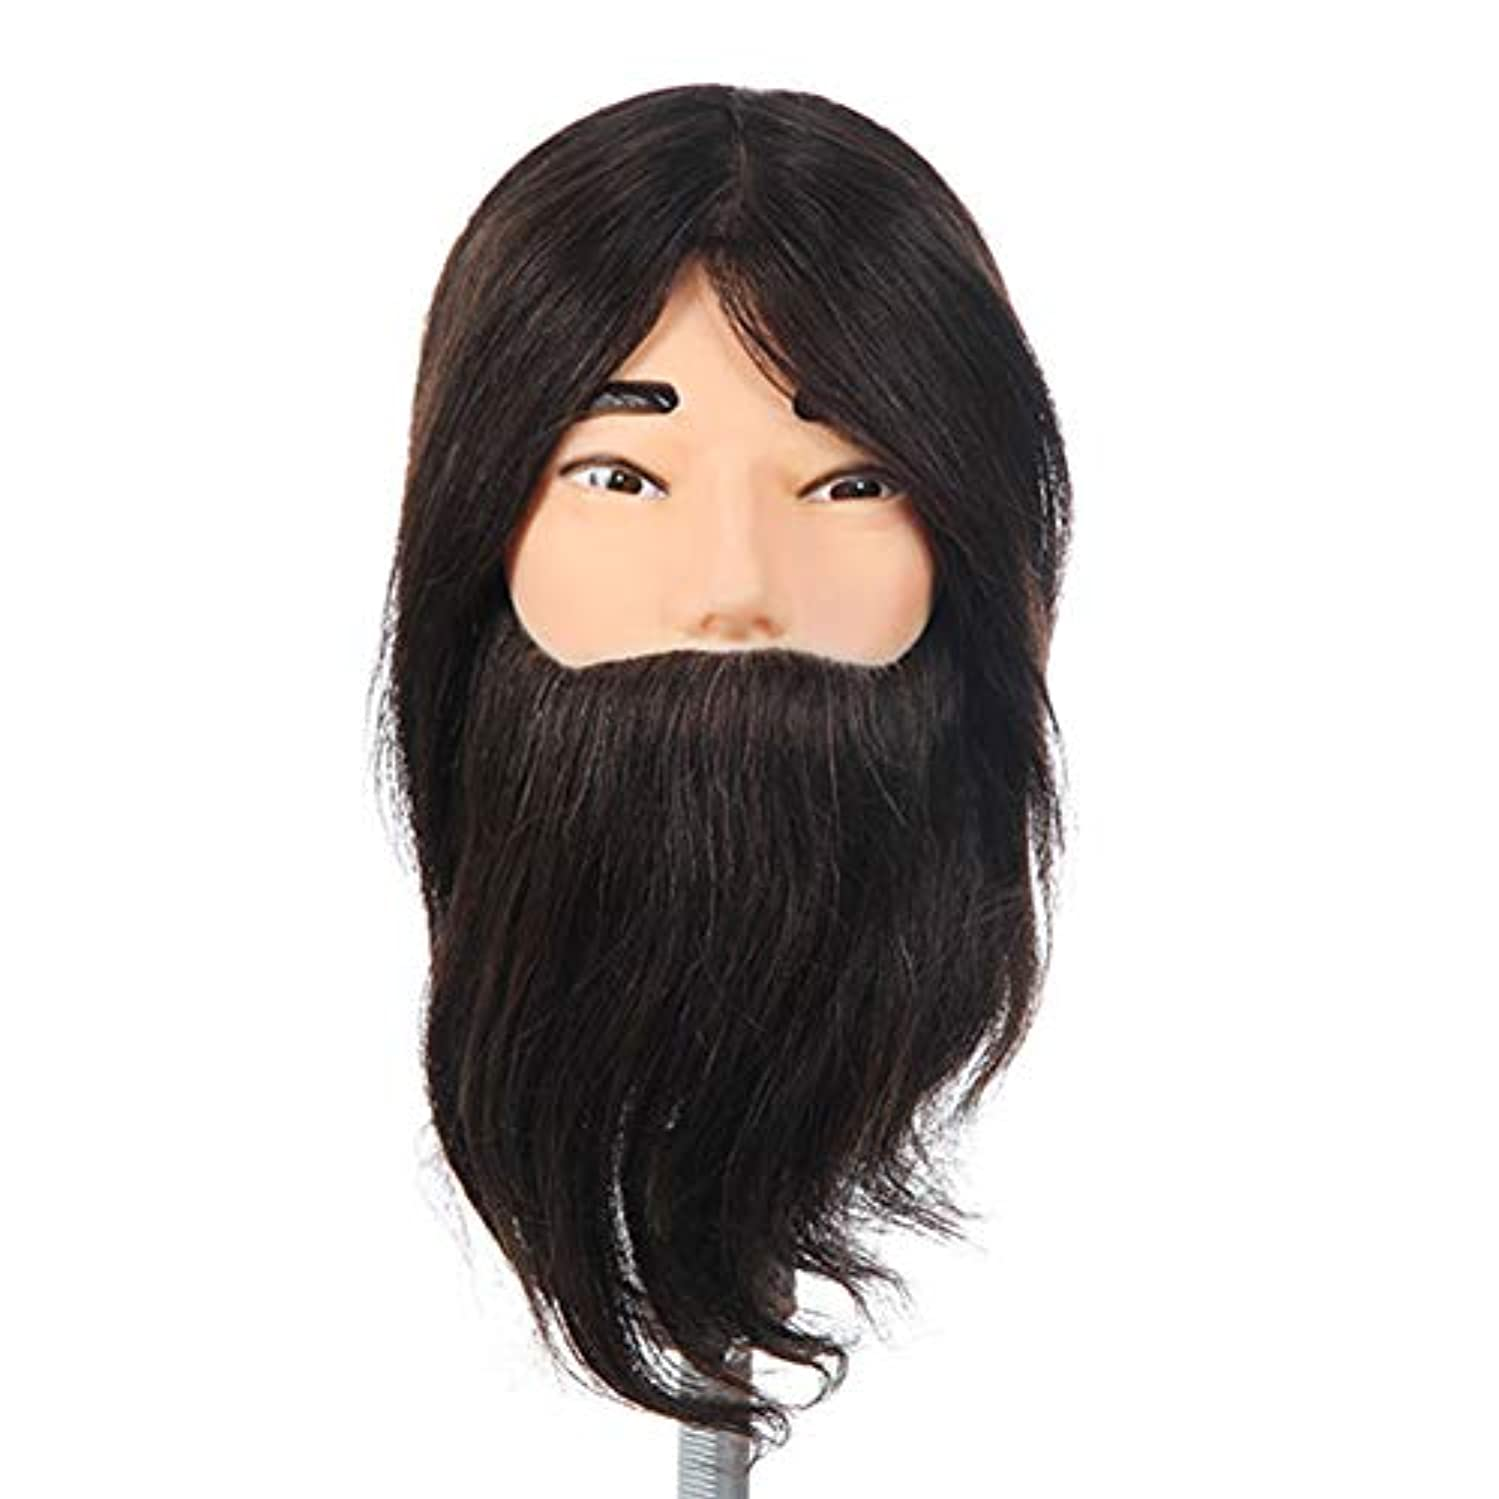 男性の本物の髪ショートヘアダミーヘッド理髪店トリミングひげヘアカットの練習マネキン理髪学校専用のトレーニングヘッド